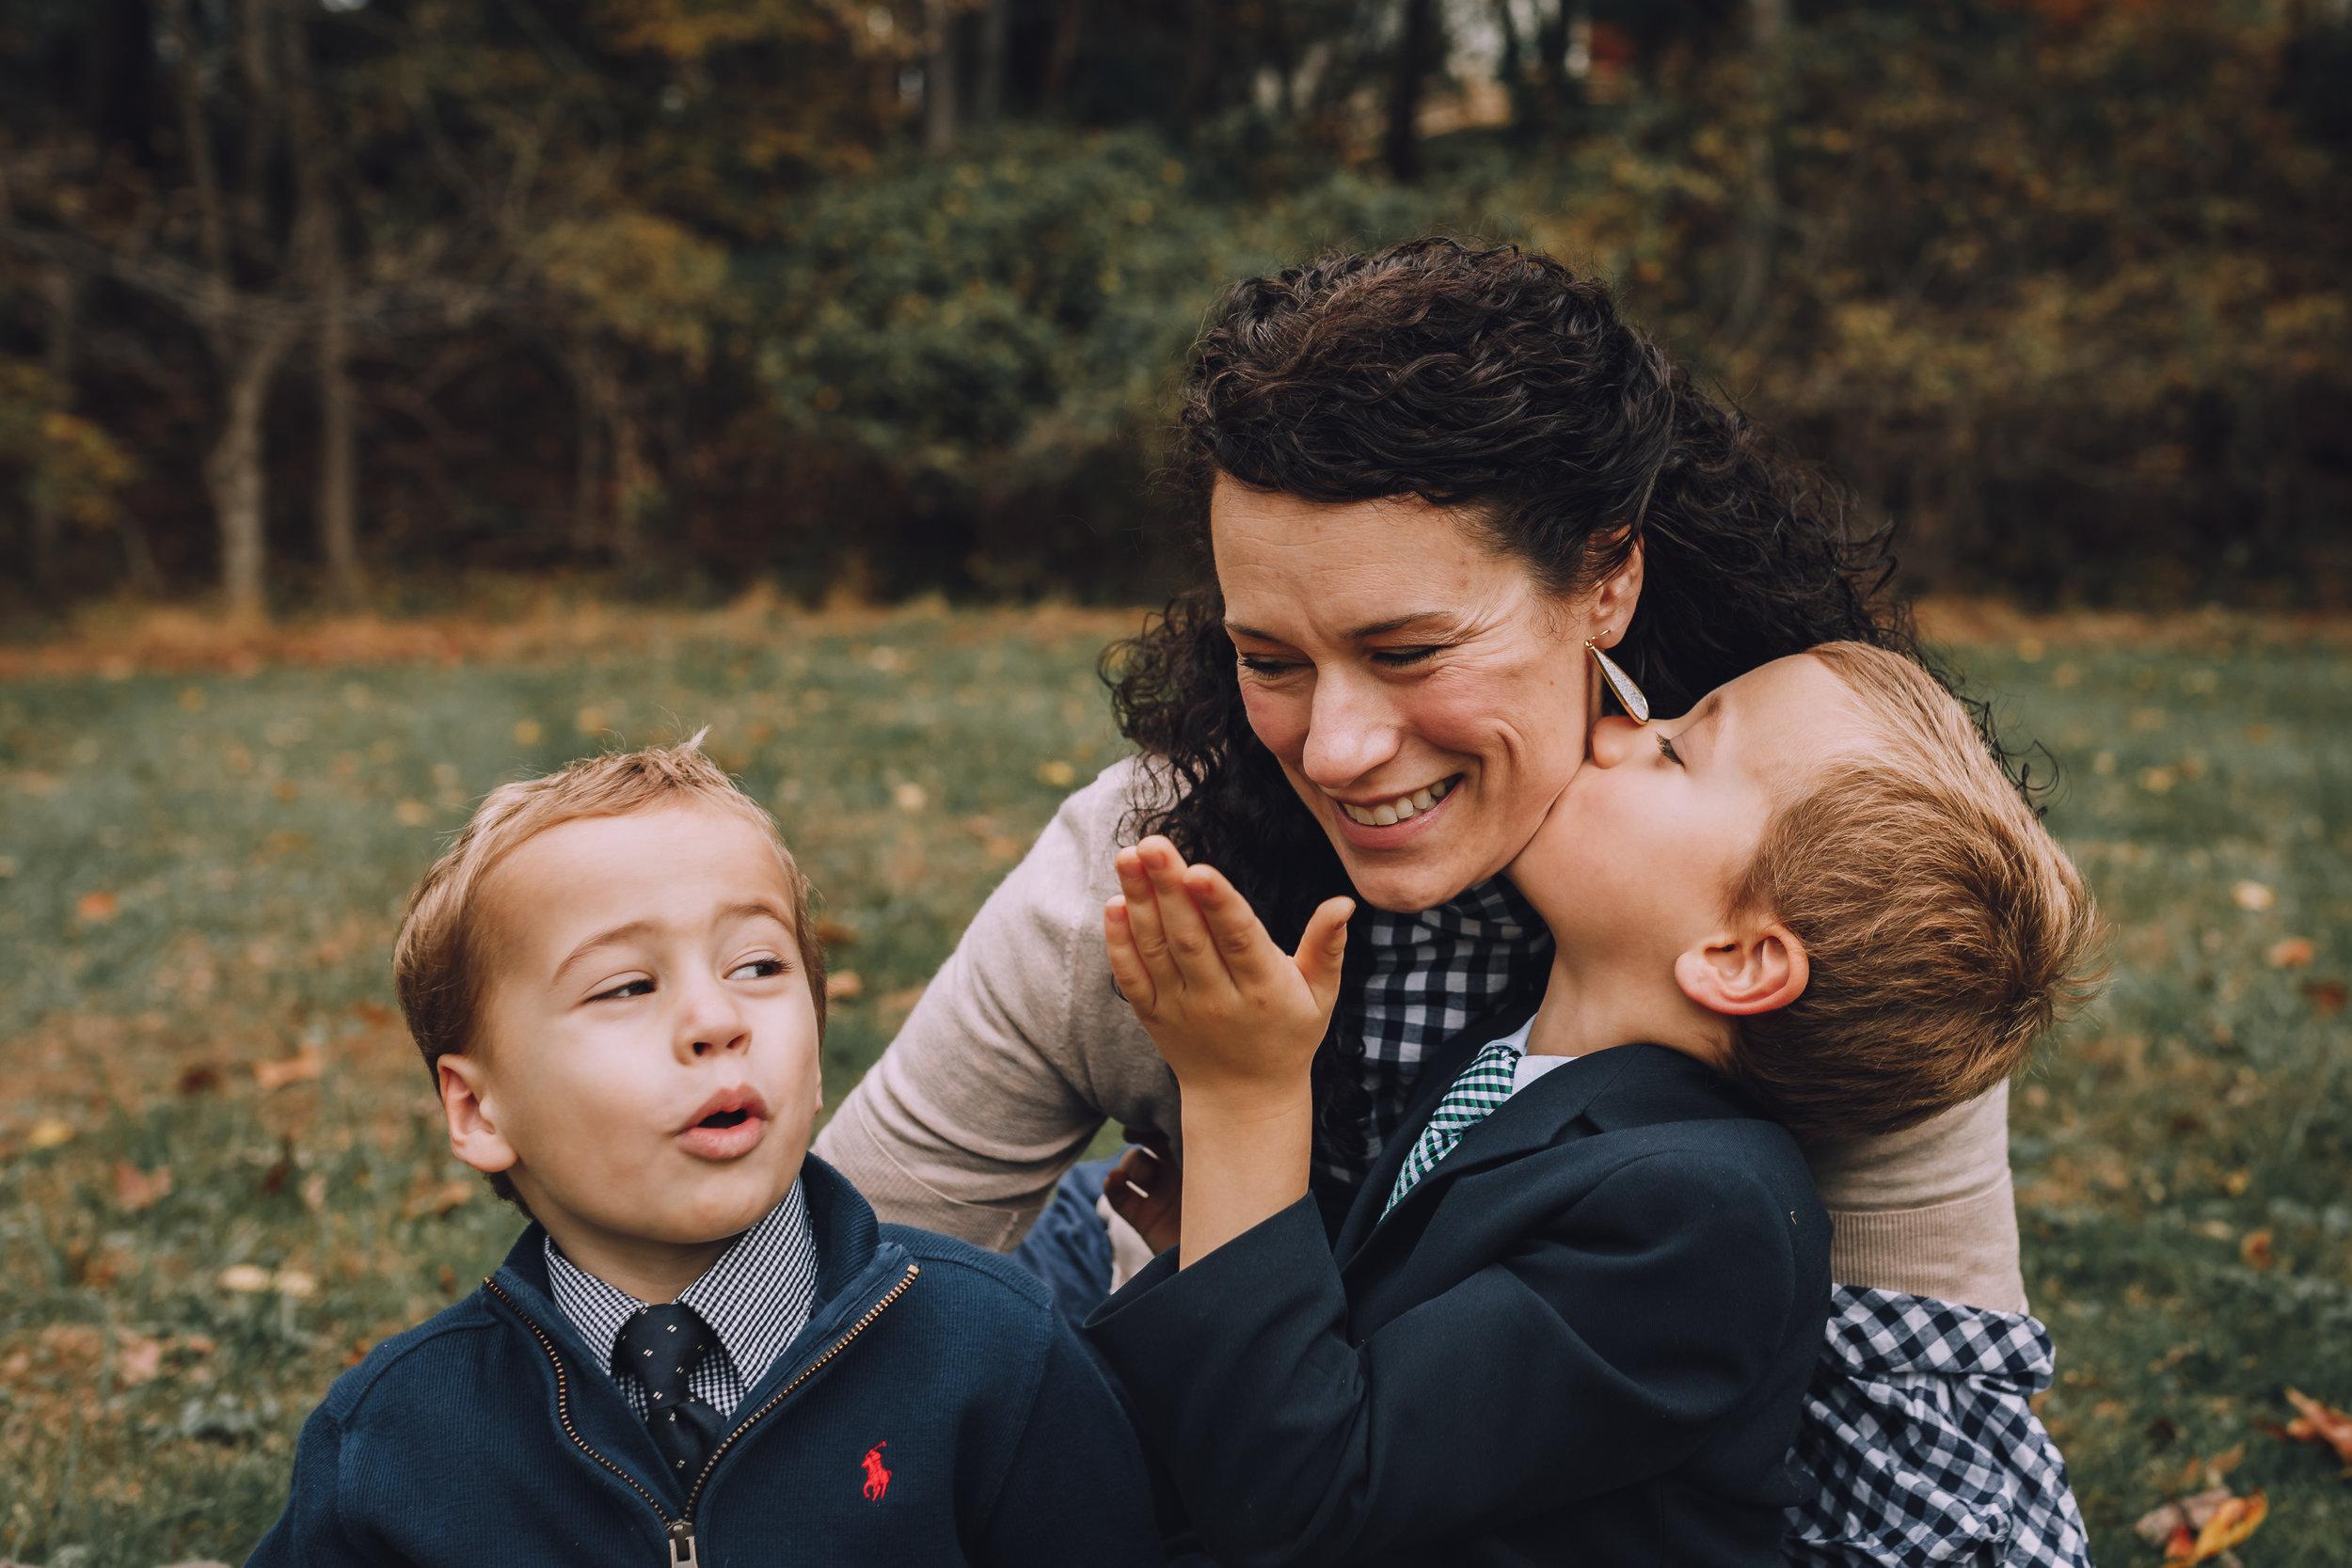 Family_Photographer_Rockville_Maryland14.jpg